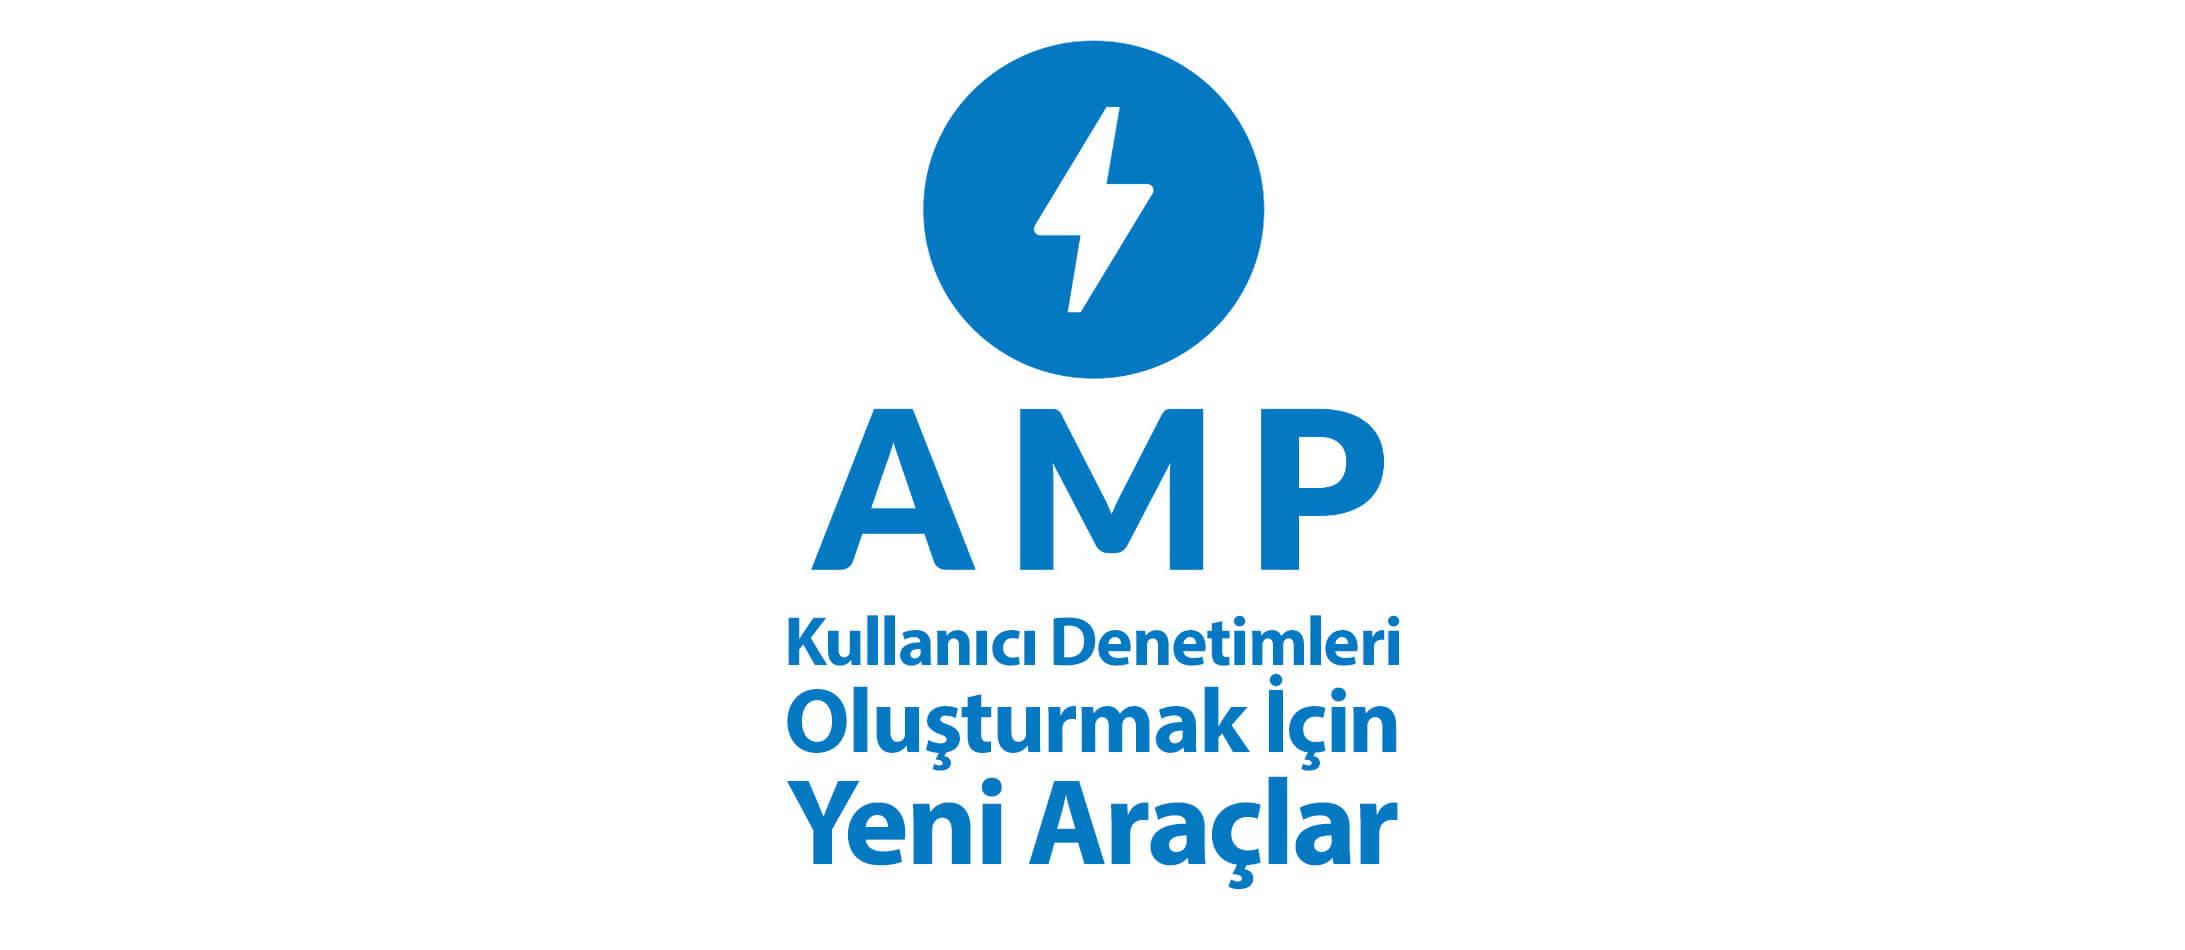 AMP Kullanıcı Denetimleri Oluşturmak İçin Yeni Araçlar